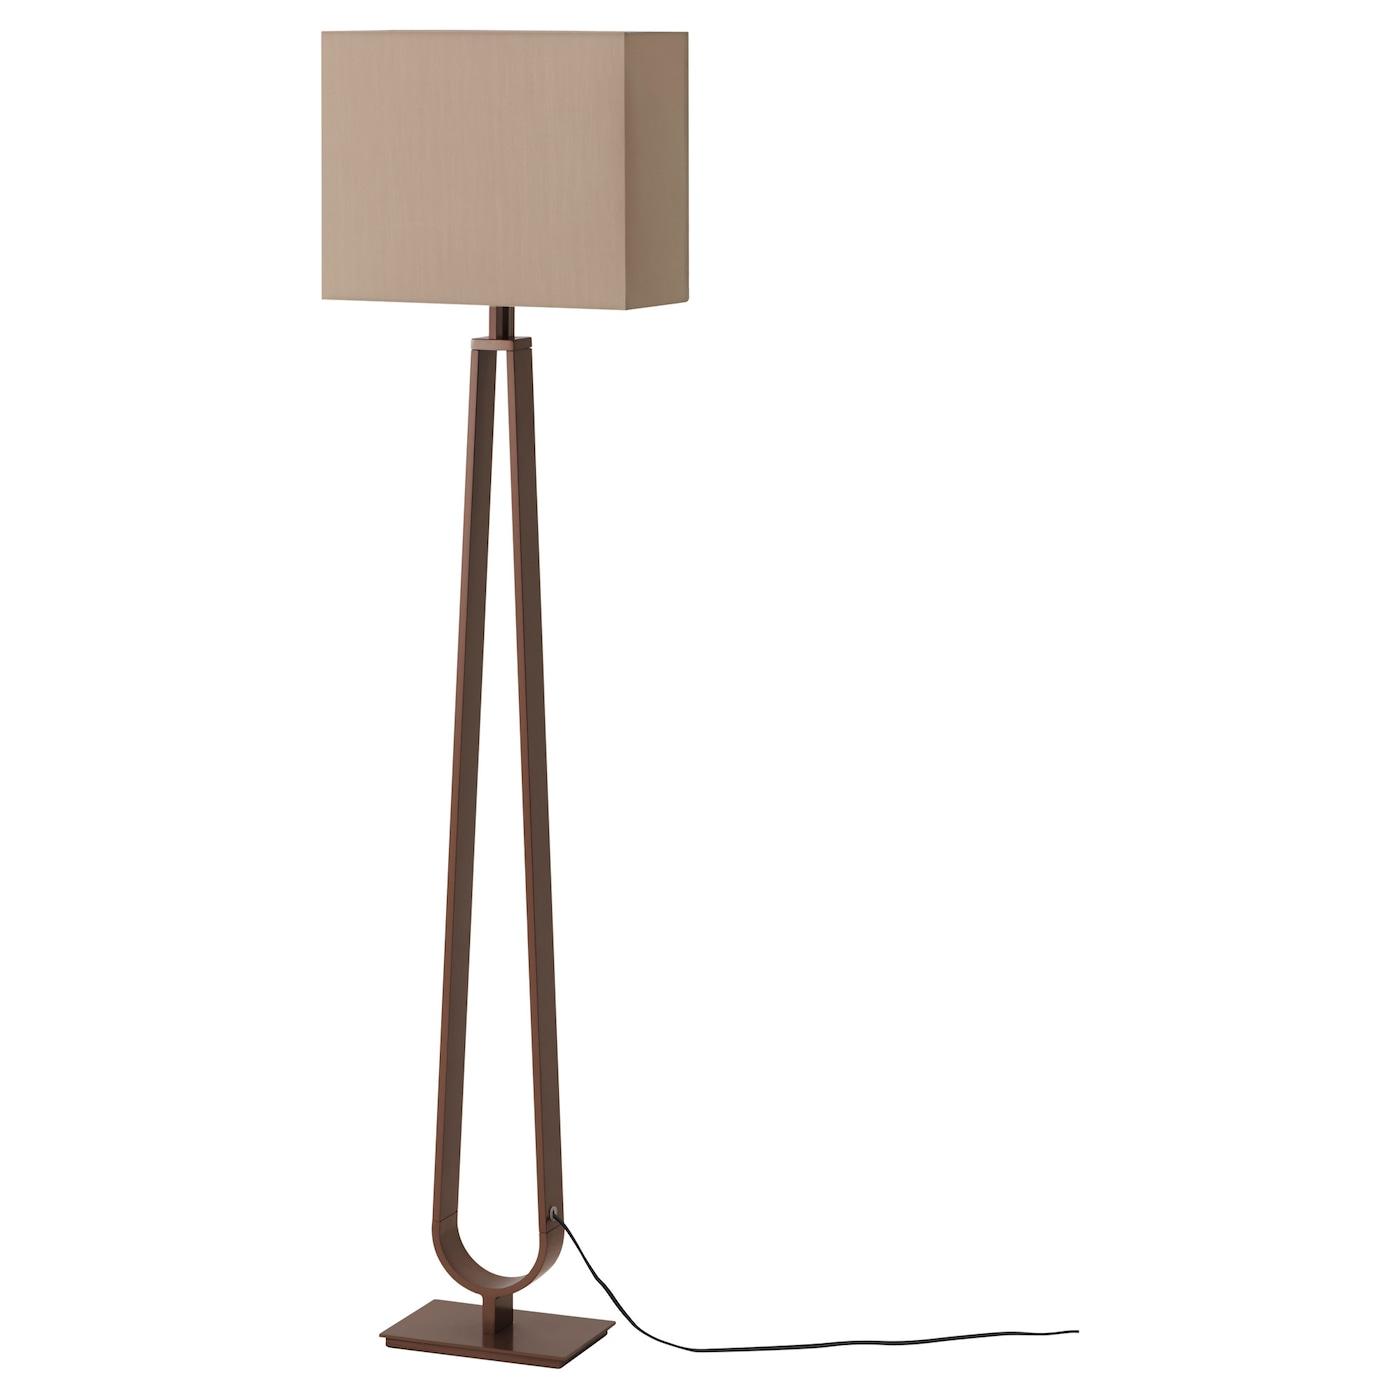 ikea floor lighting. Fabulous Ikea Floor Lamps Lighting Klabb Lamp K With Flower